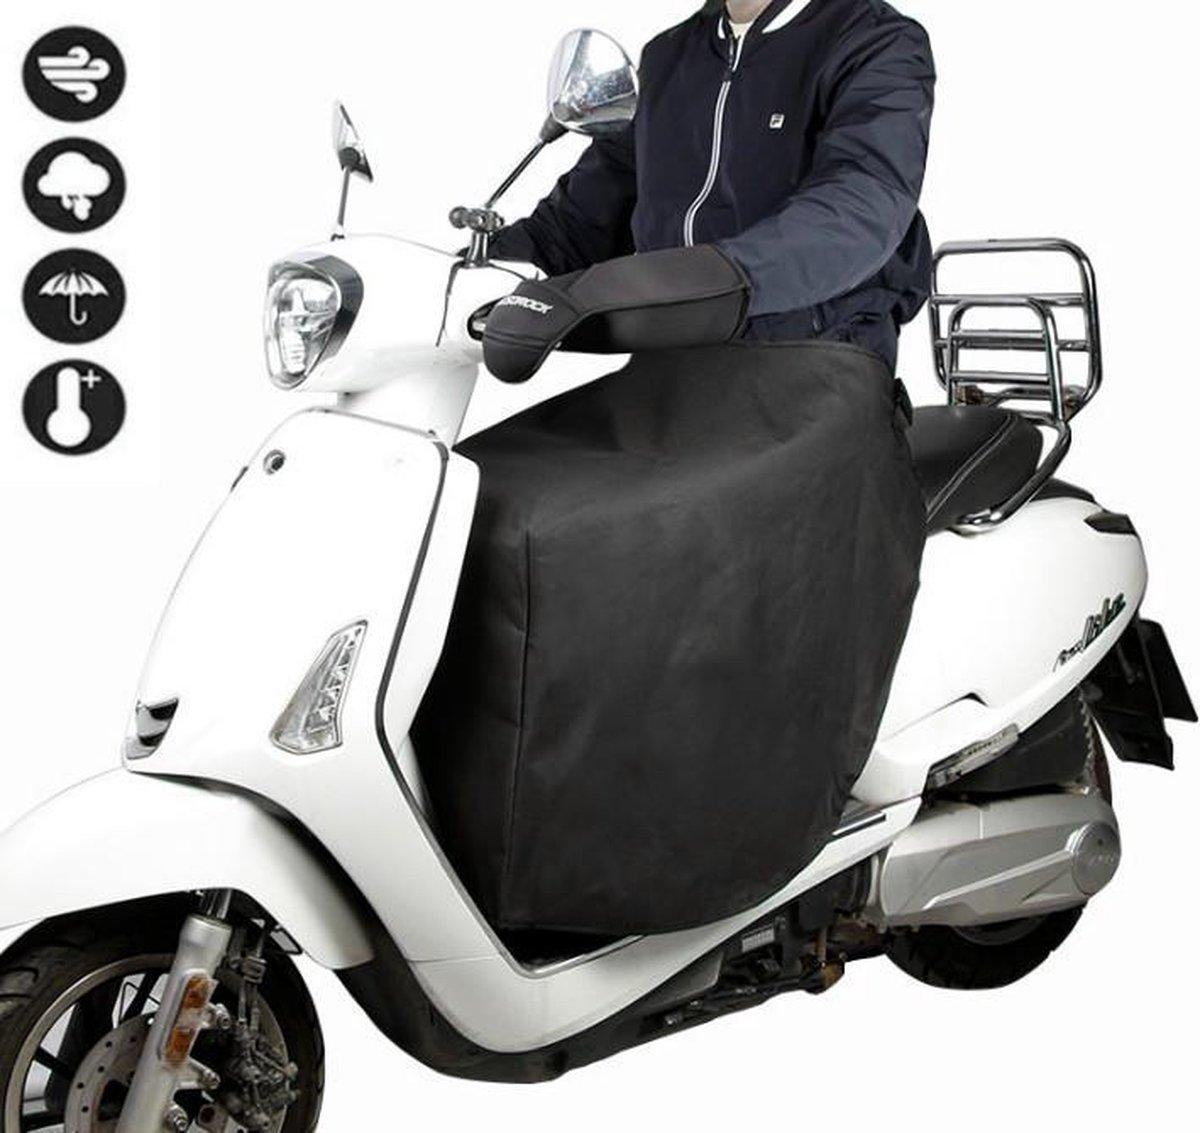 Scooter beenkleed - universeel beenkleed voor in de kou - scooter beenwarmer - scooter deken - scoot